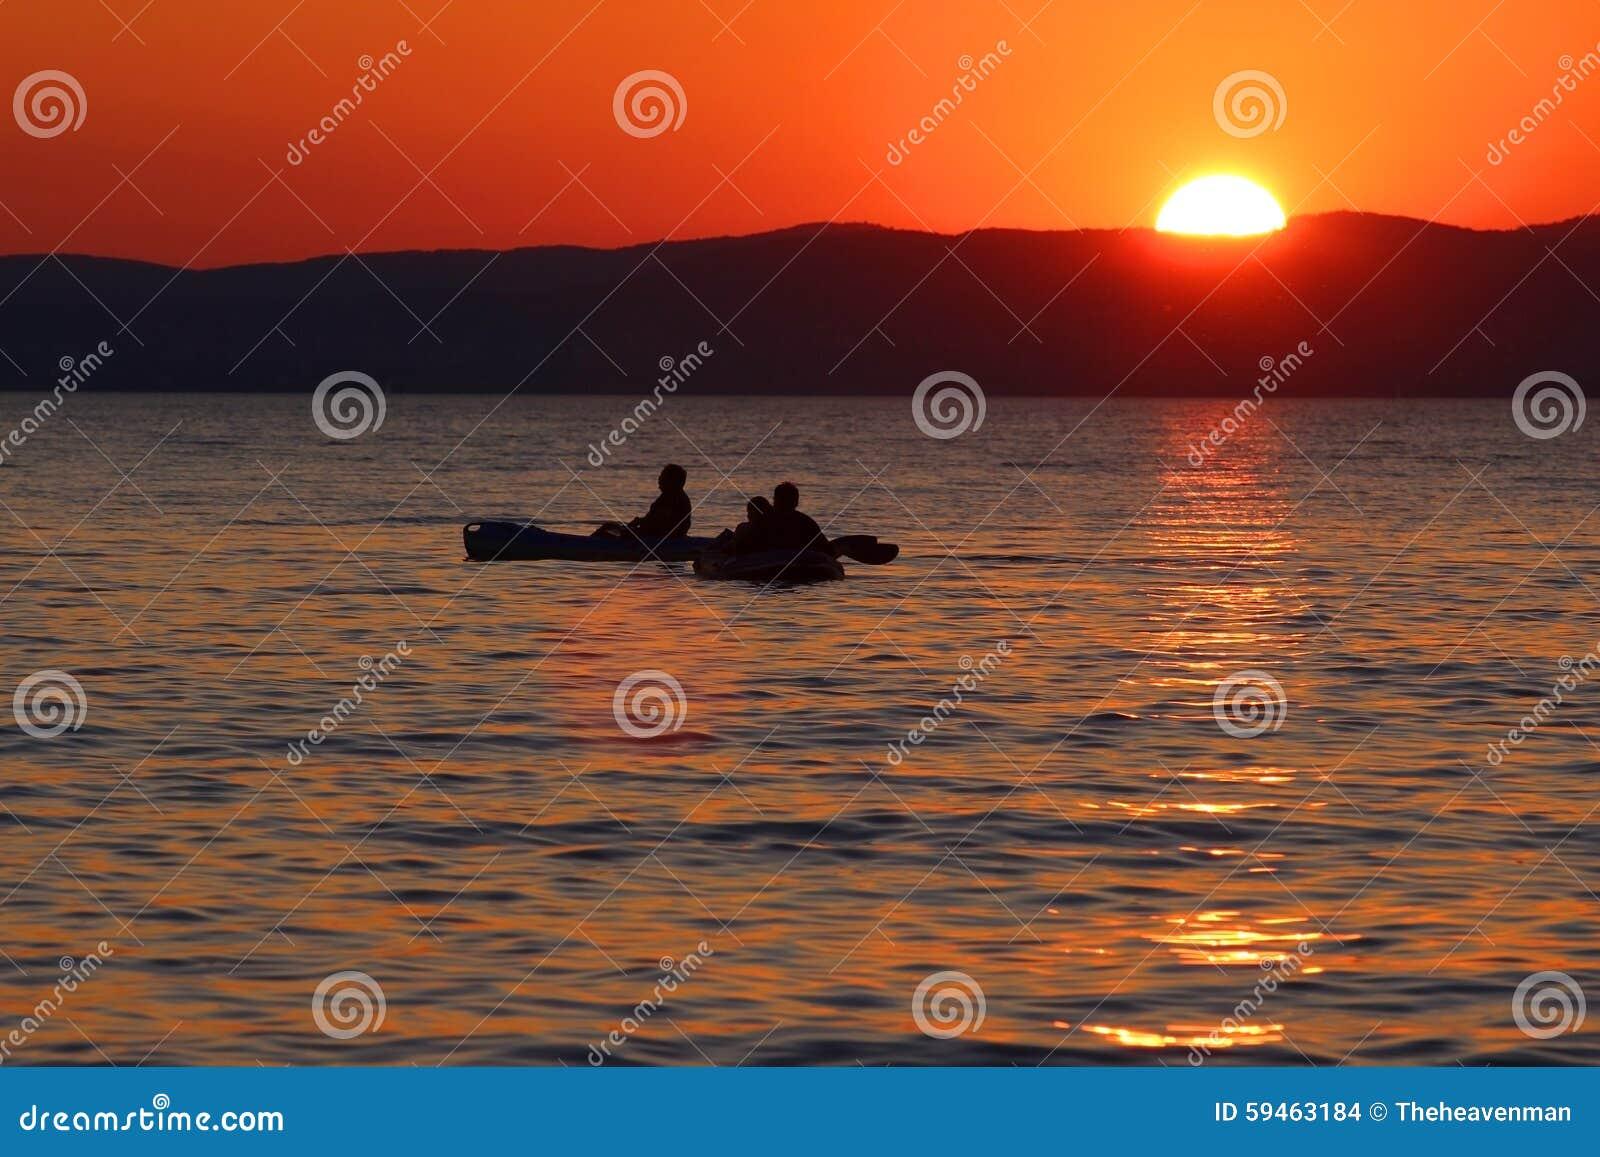 Ηλιοβασίλεμα πέρα από τη λίμνη με τις βάρκες